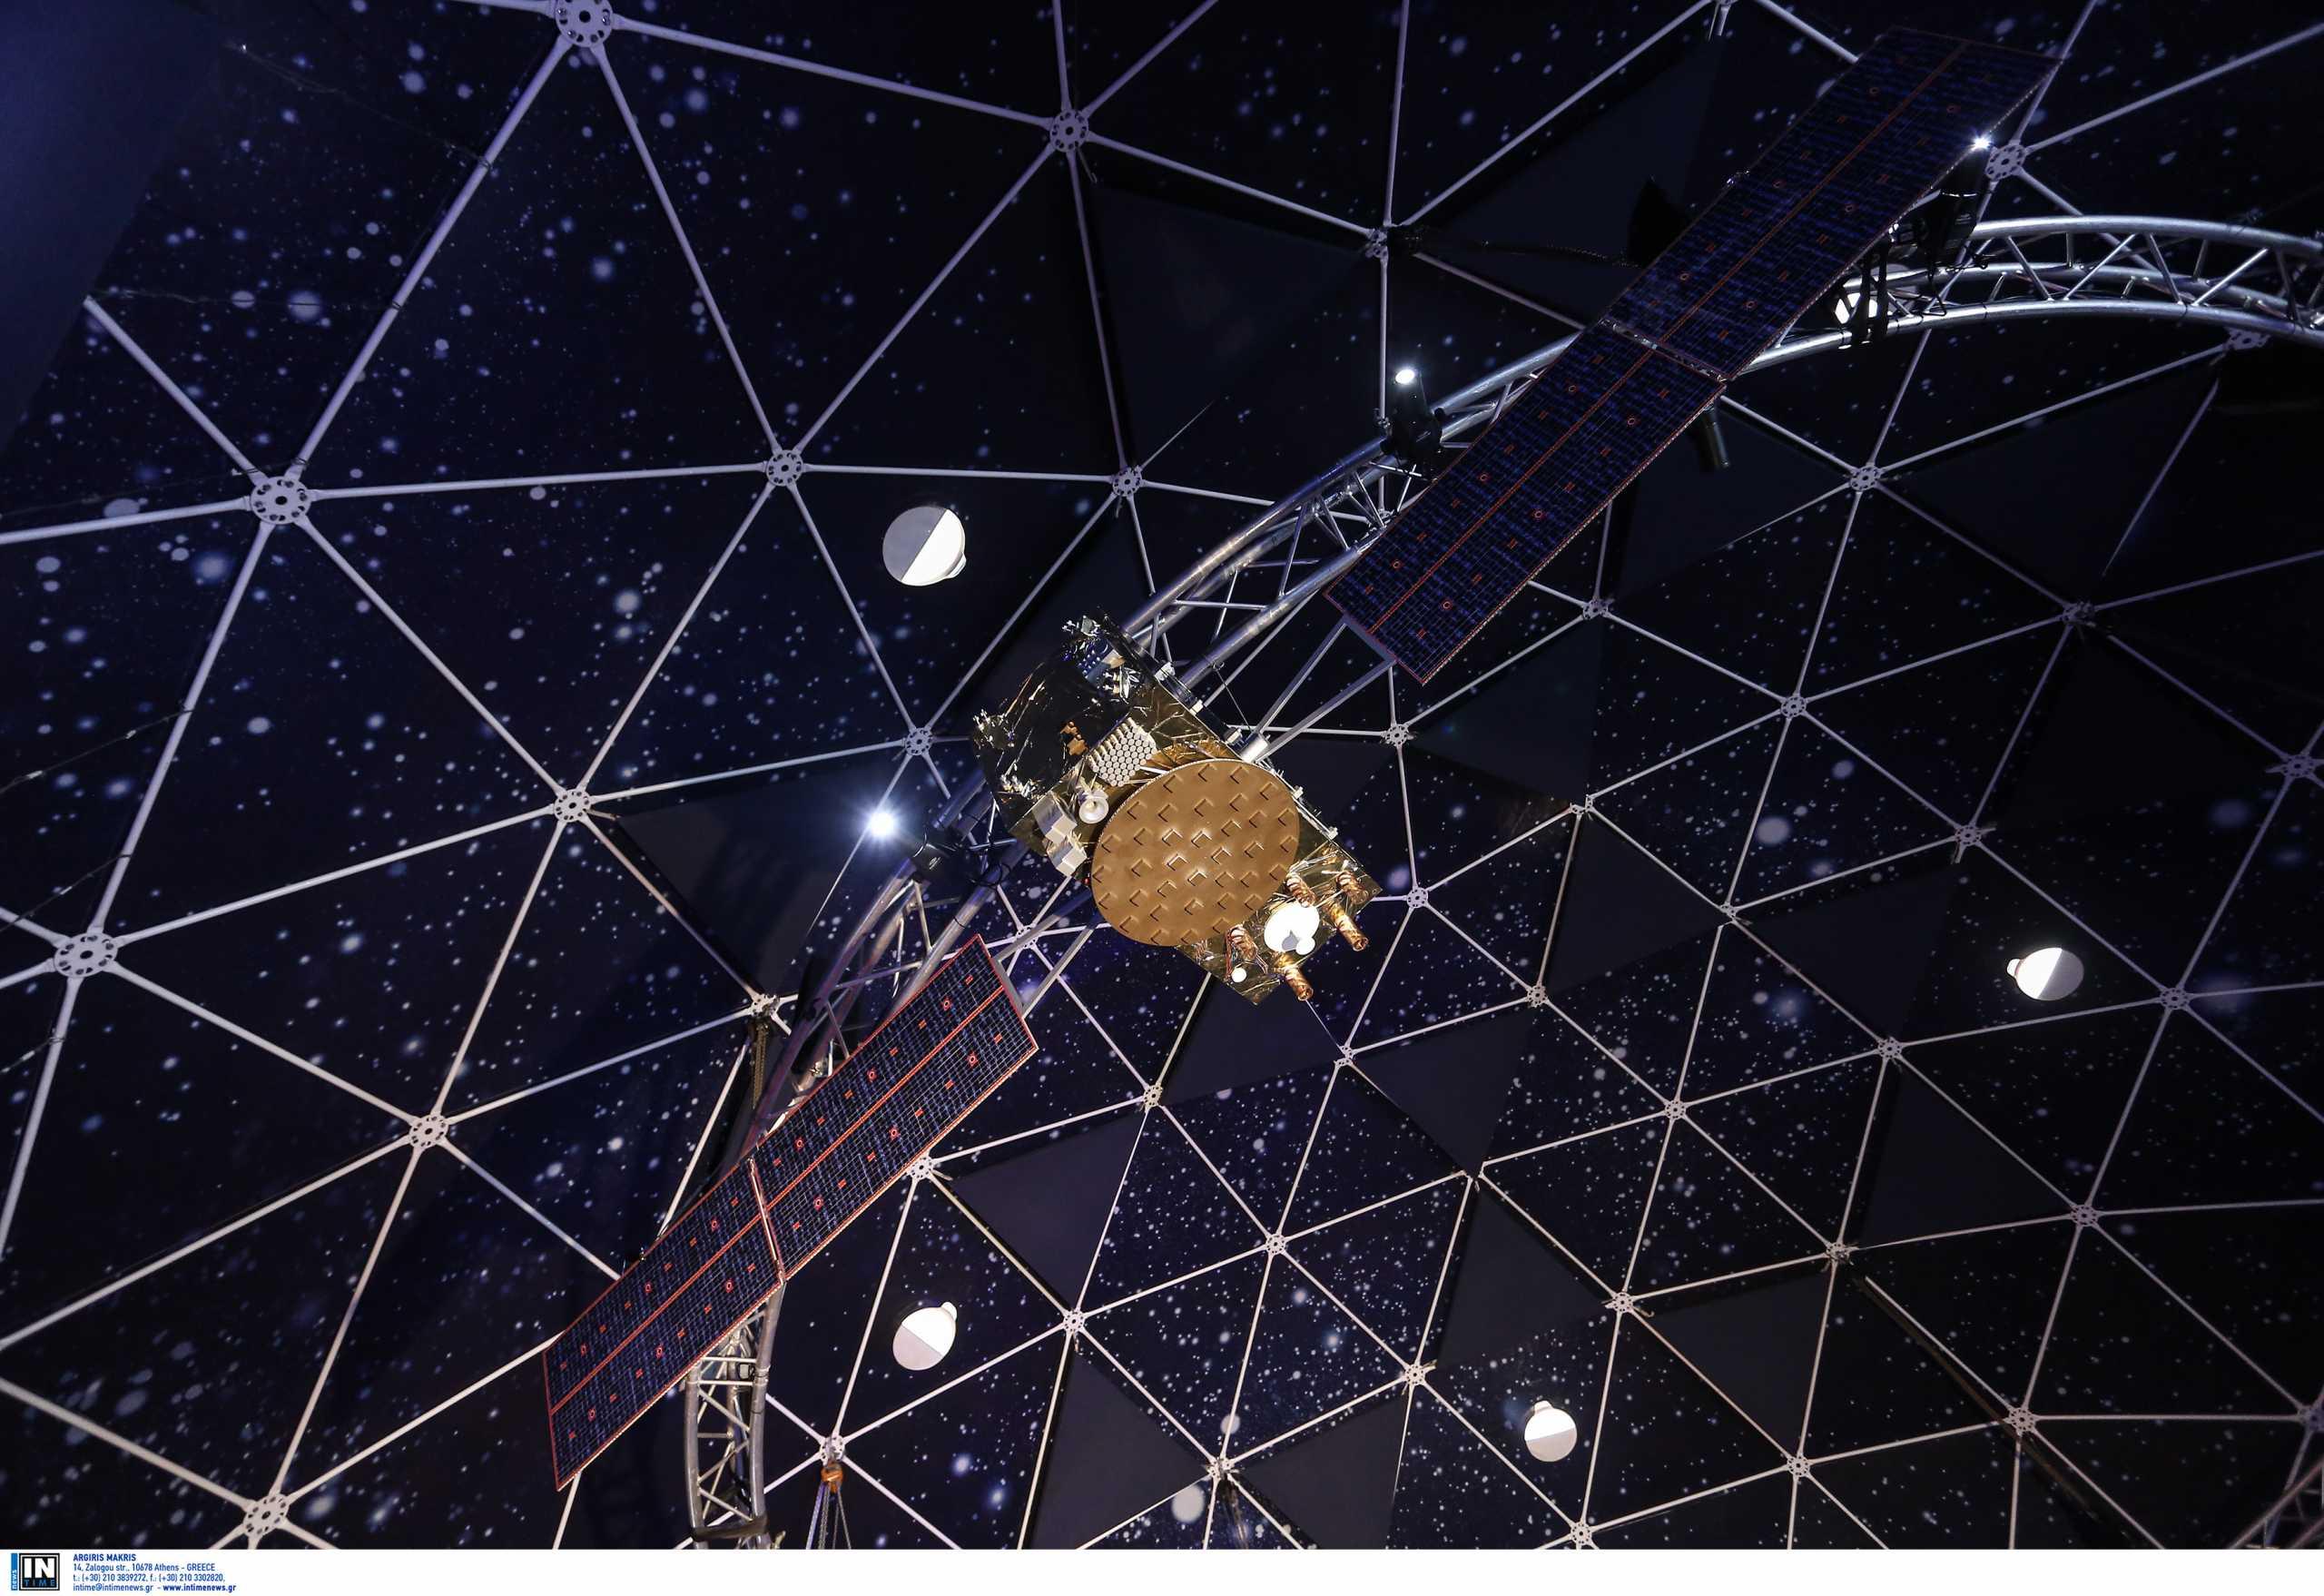 Κυνηγοί εξωγήινων σε παράνοια: Ερευνάται σήμα από γειτονικό αστρικό σύστημα